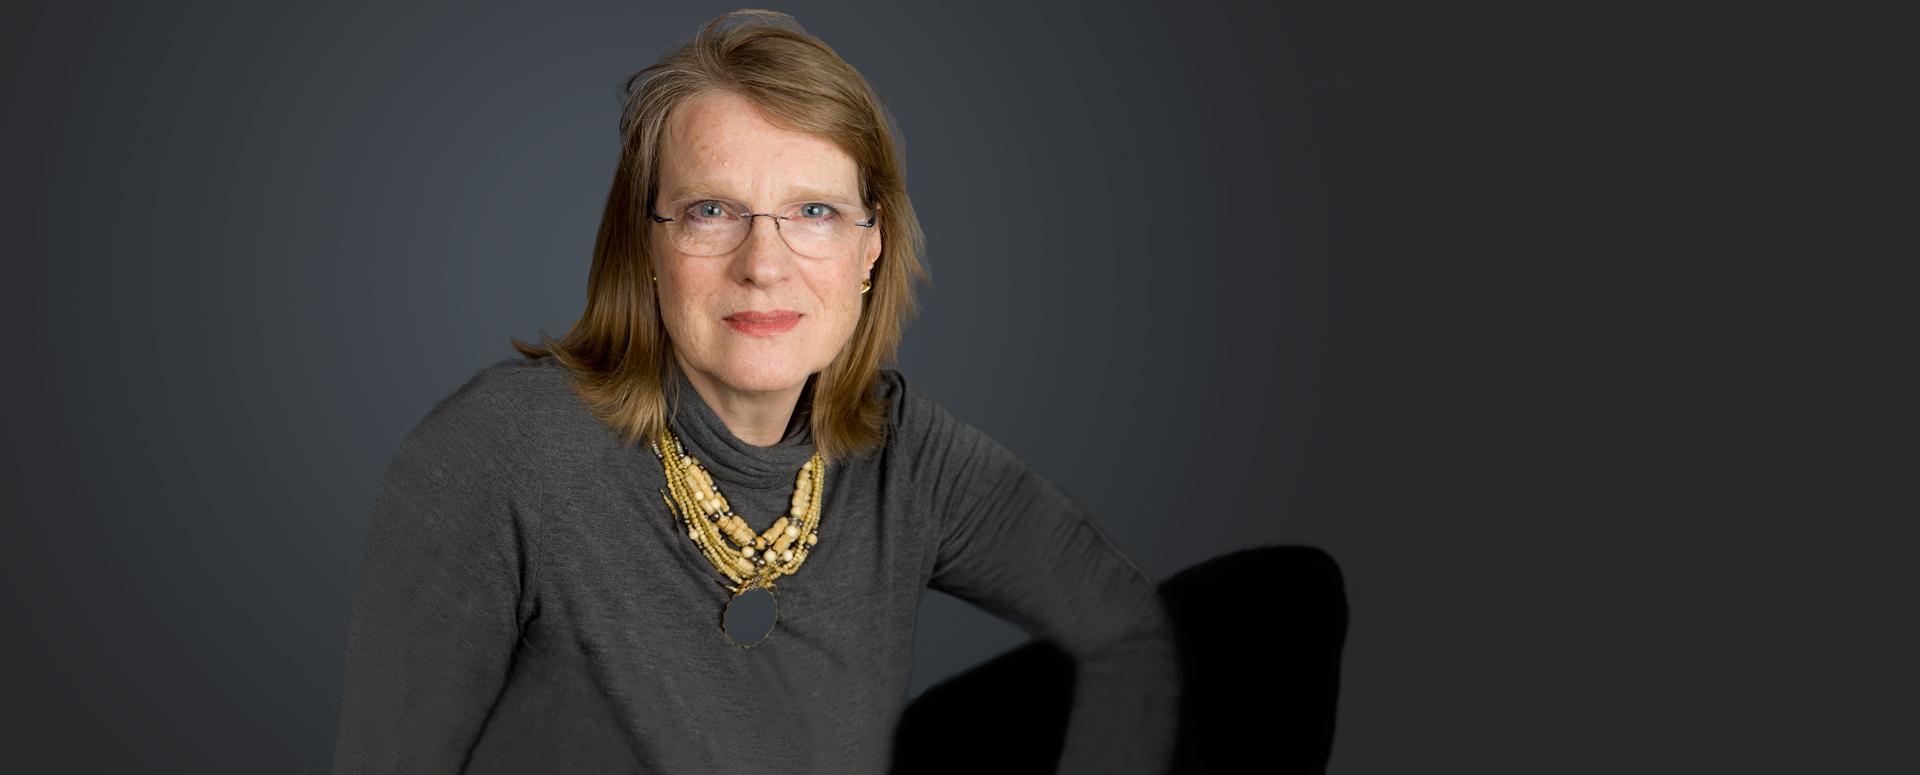 Kathy Cronkite